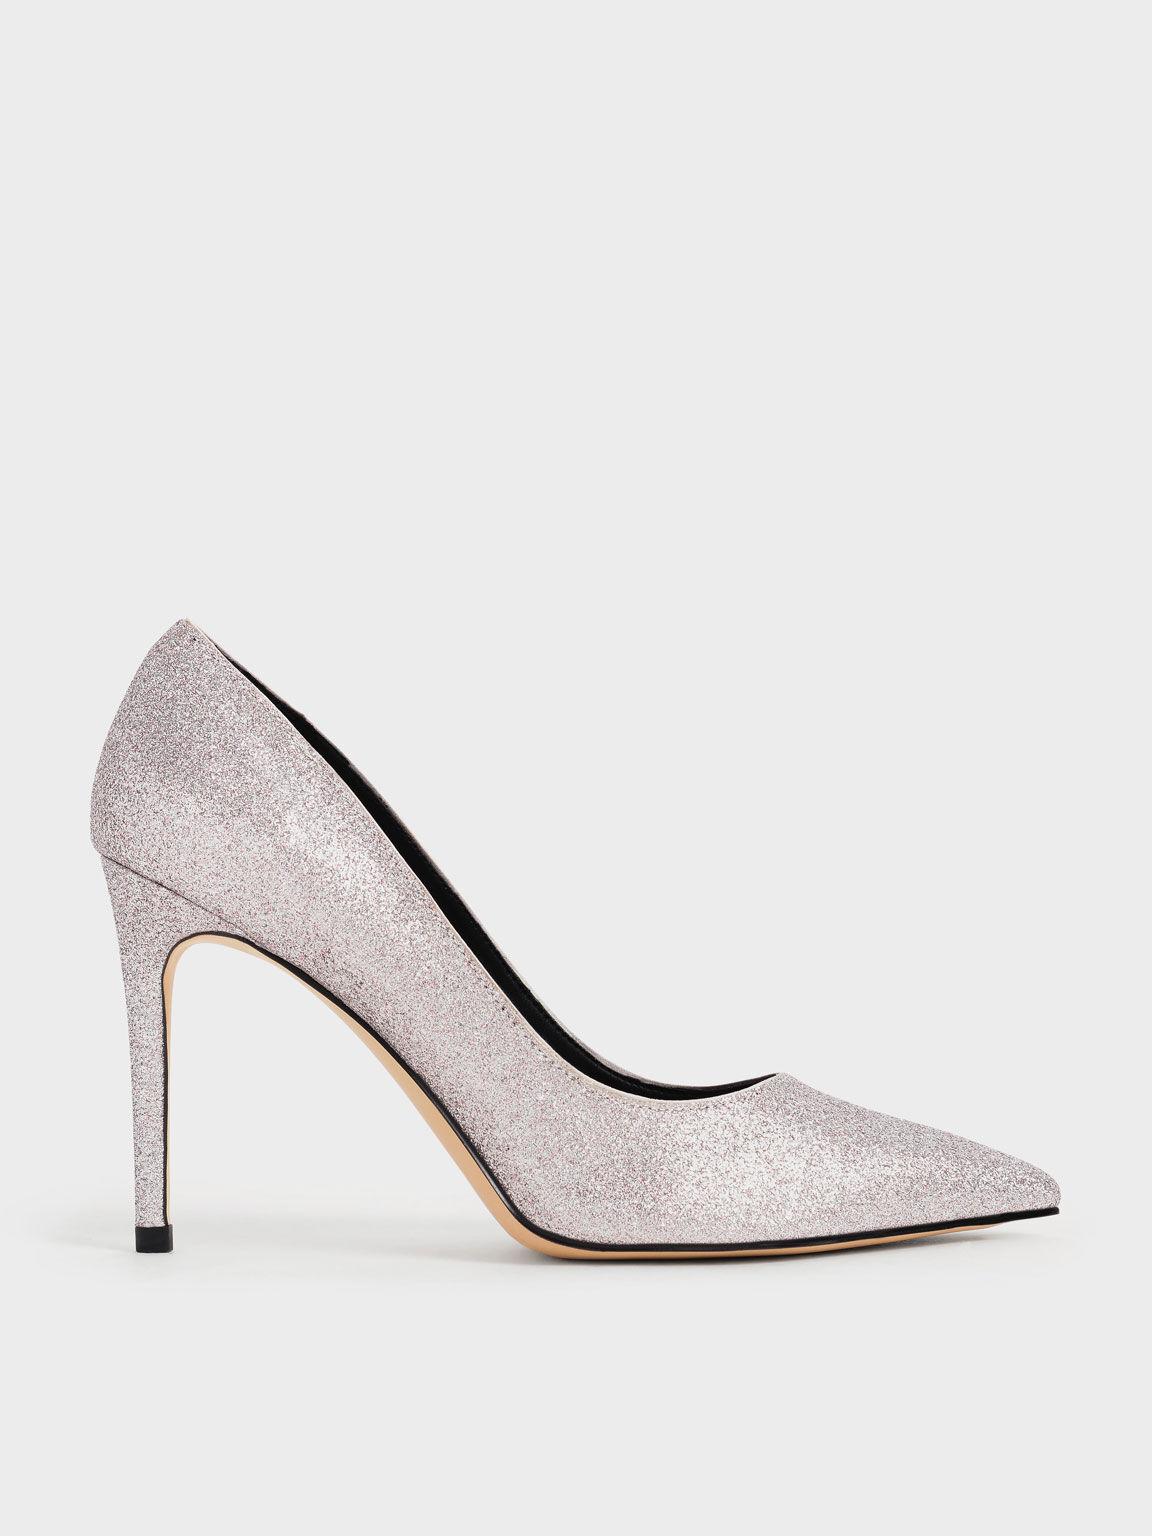 Glitter Stiletto Pumps, Silver, hi-res